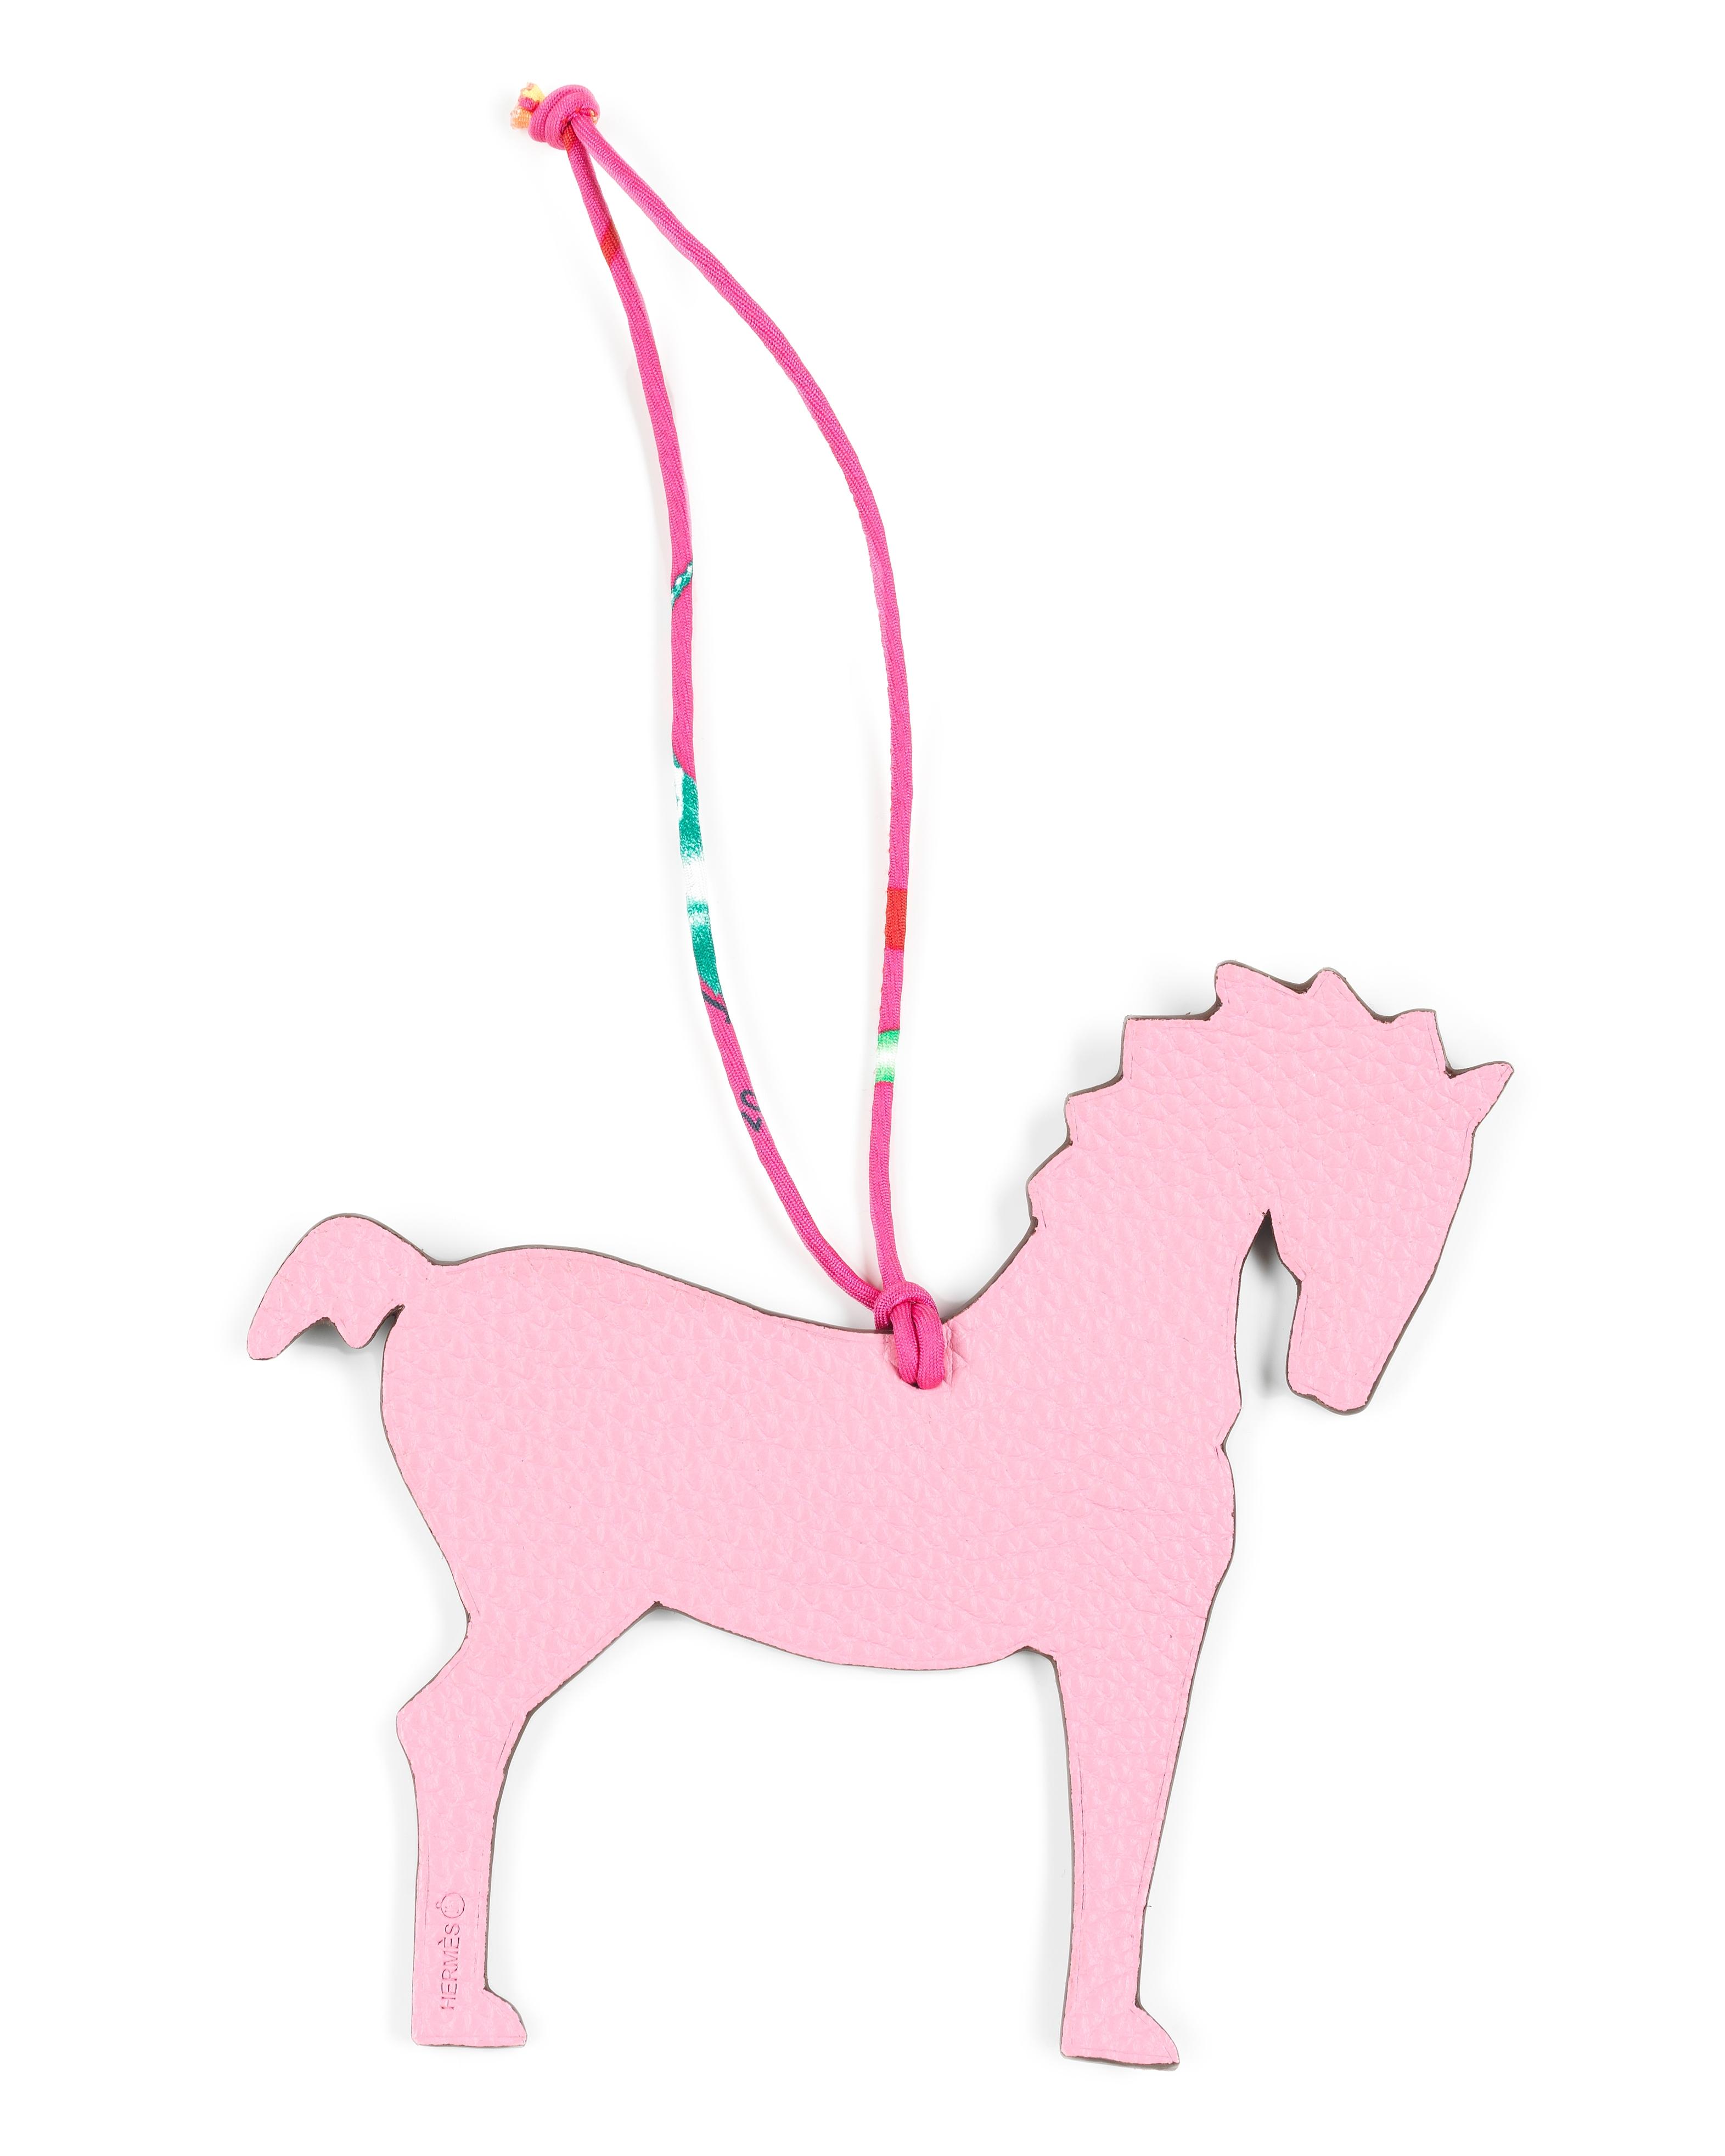 Lot 203 - Horse Bag Charm, Hermès Petit H, (Includes box)